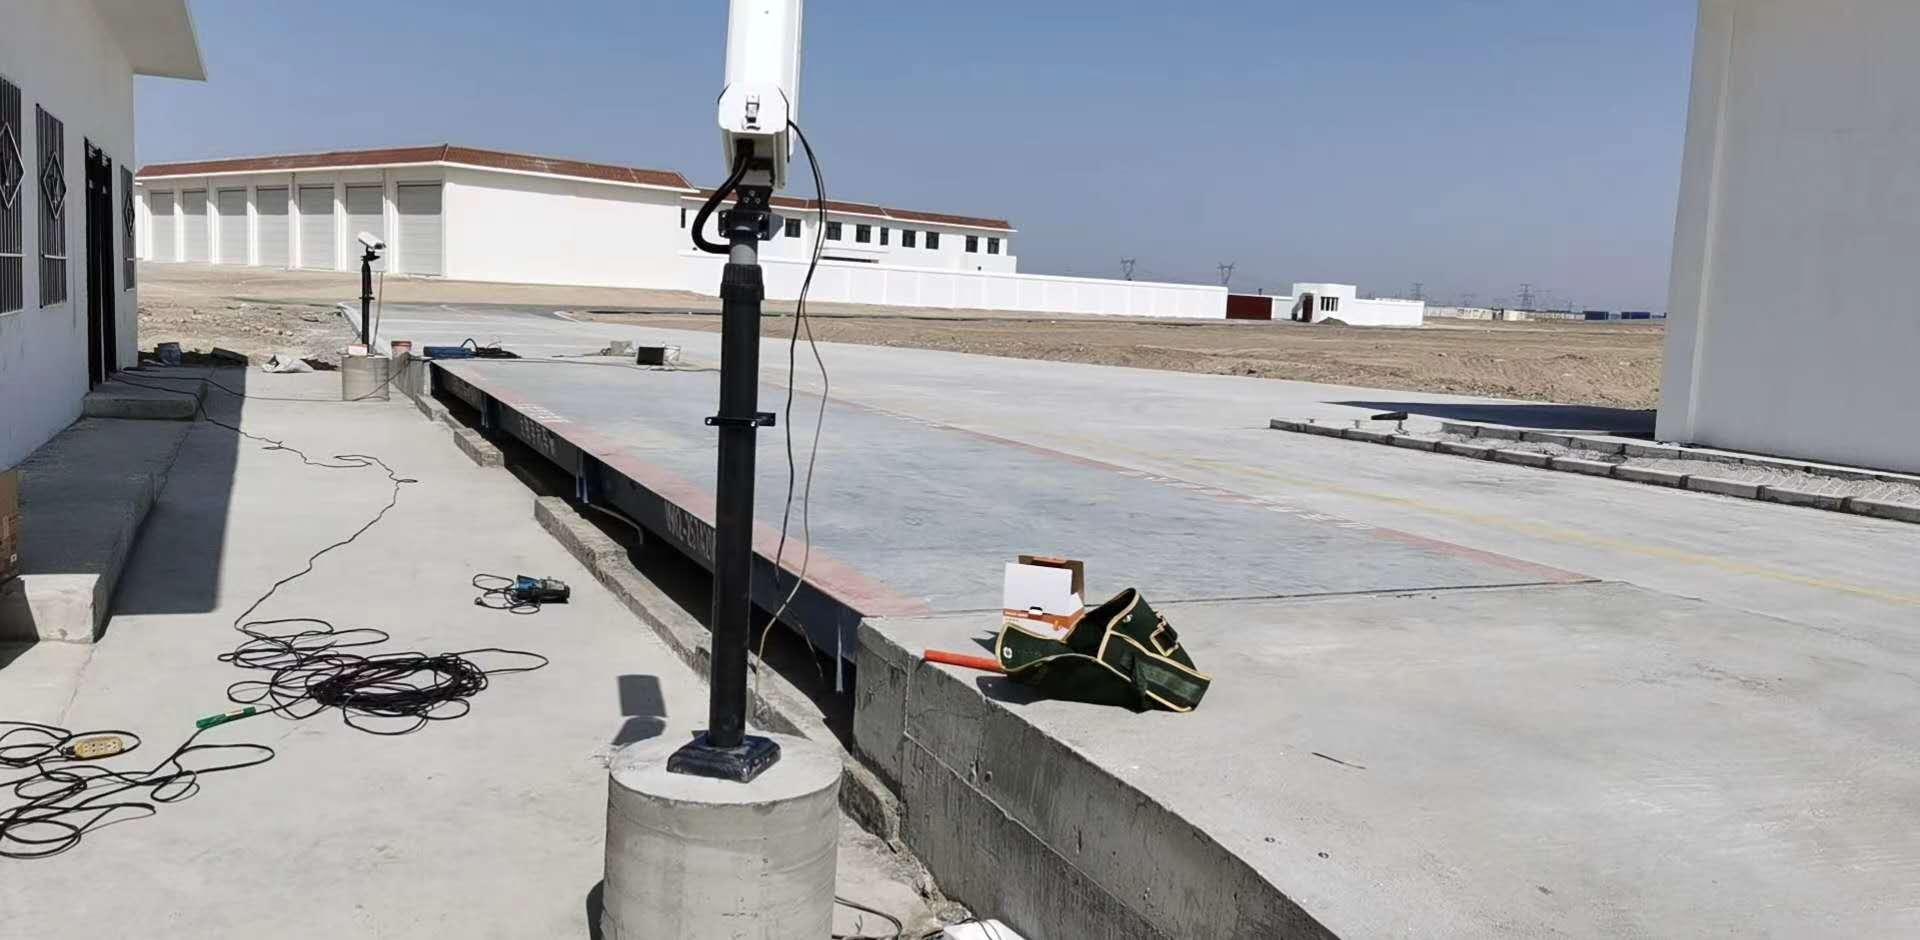 新疆坤宁衡器设备有限公司承接的甘肃玉门80吨数字地磅一台、无人值守称重系统一套安装调试好